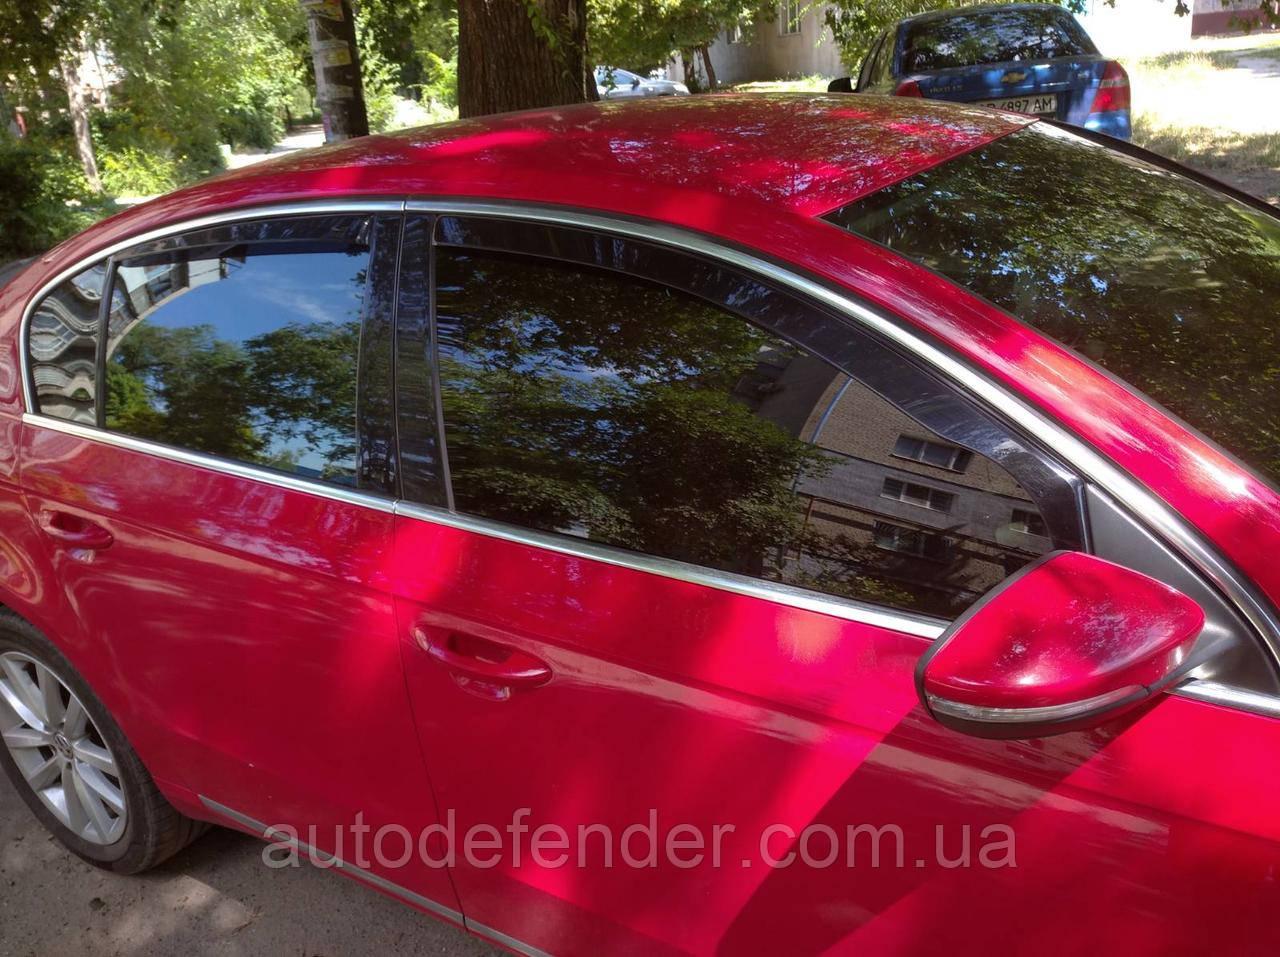 Дефлекторы окон (вставные!) ветровики Volkswagen VW Passat B6 2005-2010 4шт. Sedan, HEKO, 31154